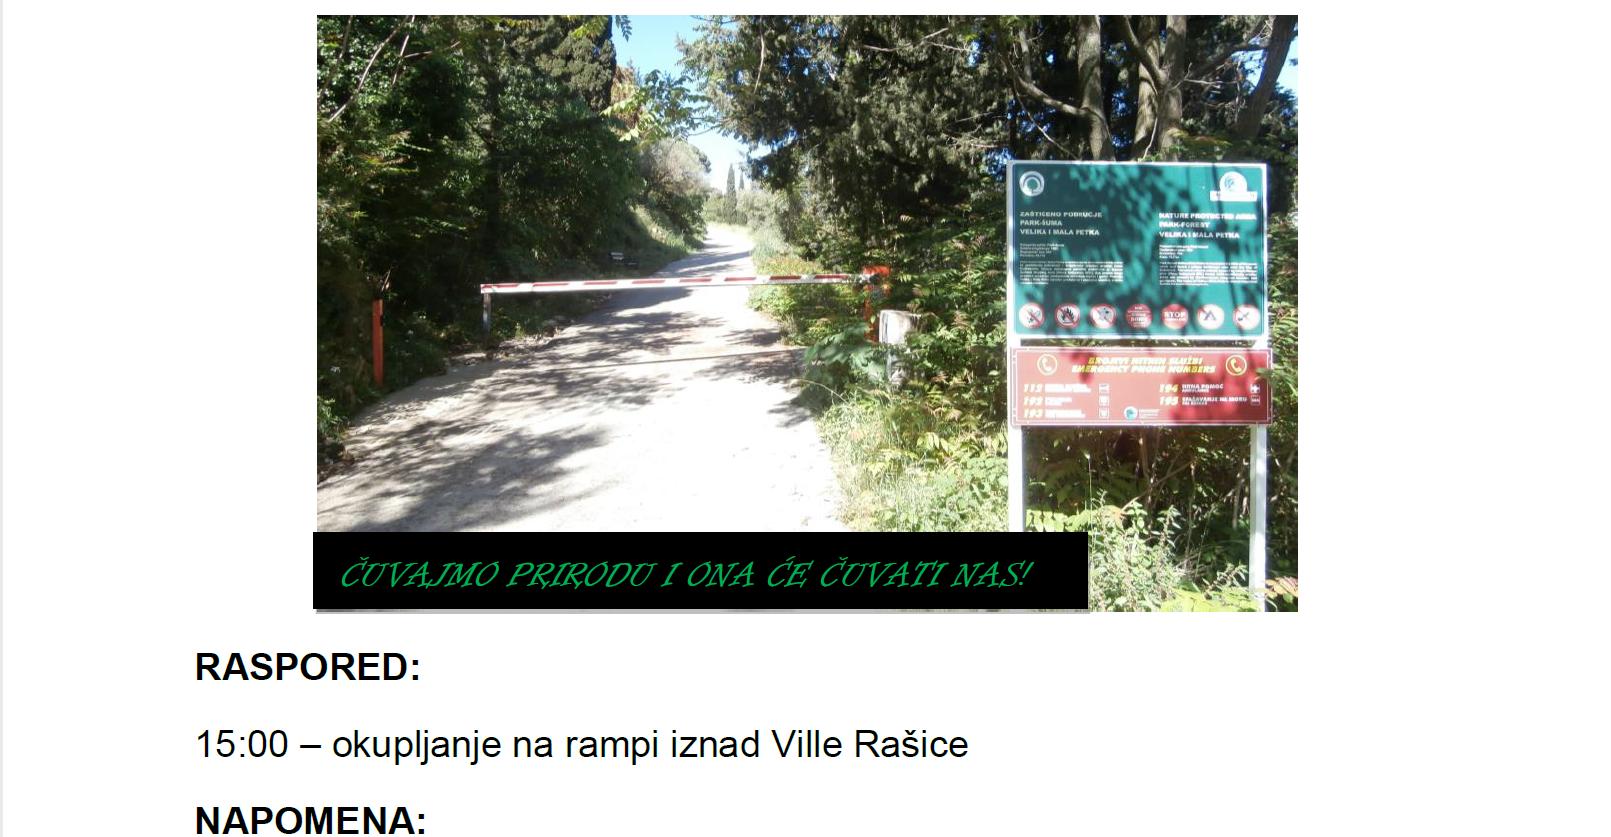 Poziv na akciju čišćenja park-šume Velika i Mala Petka Dodajmo kako je najavljena akcija ipak za srijedu (24.05) s početkom u 15:00